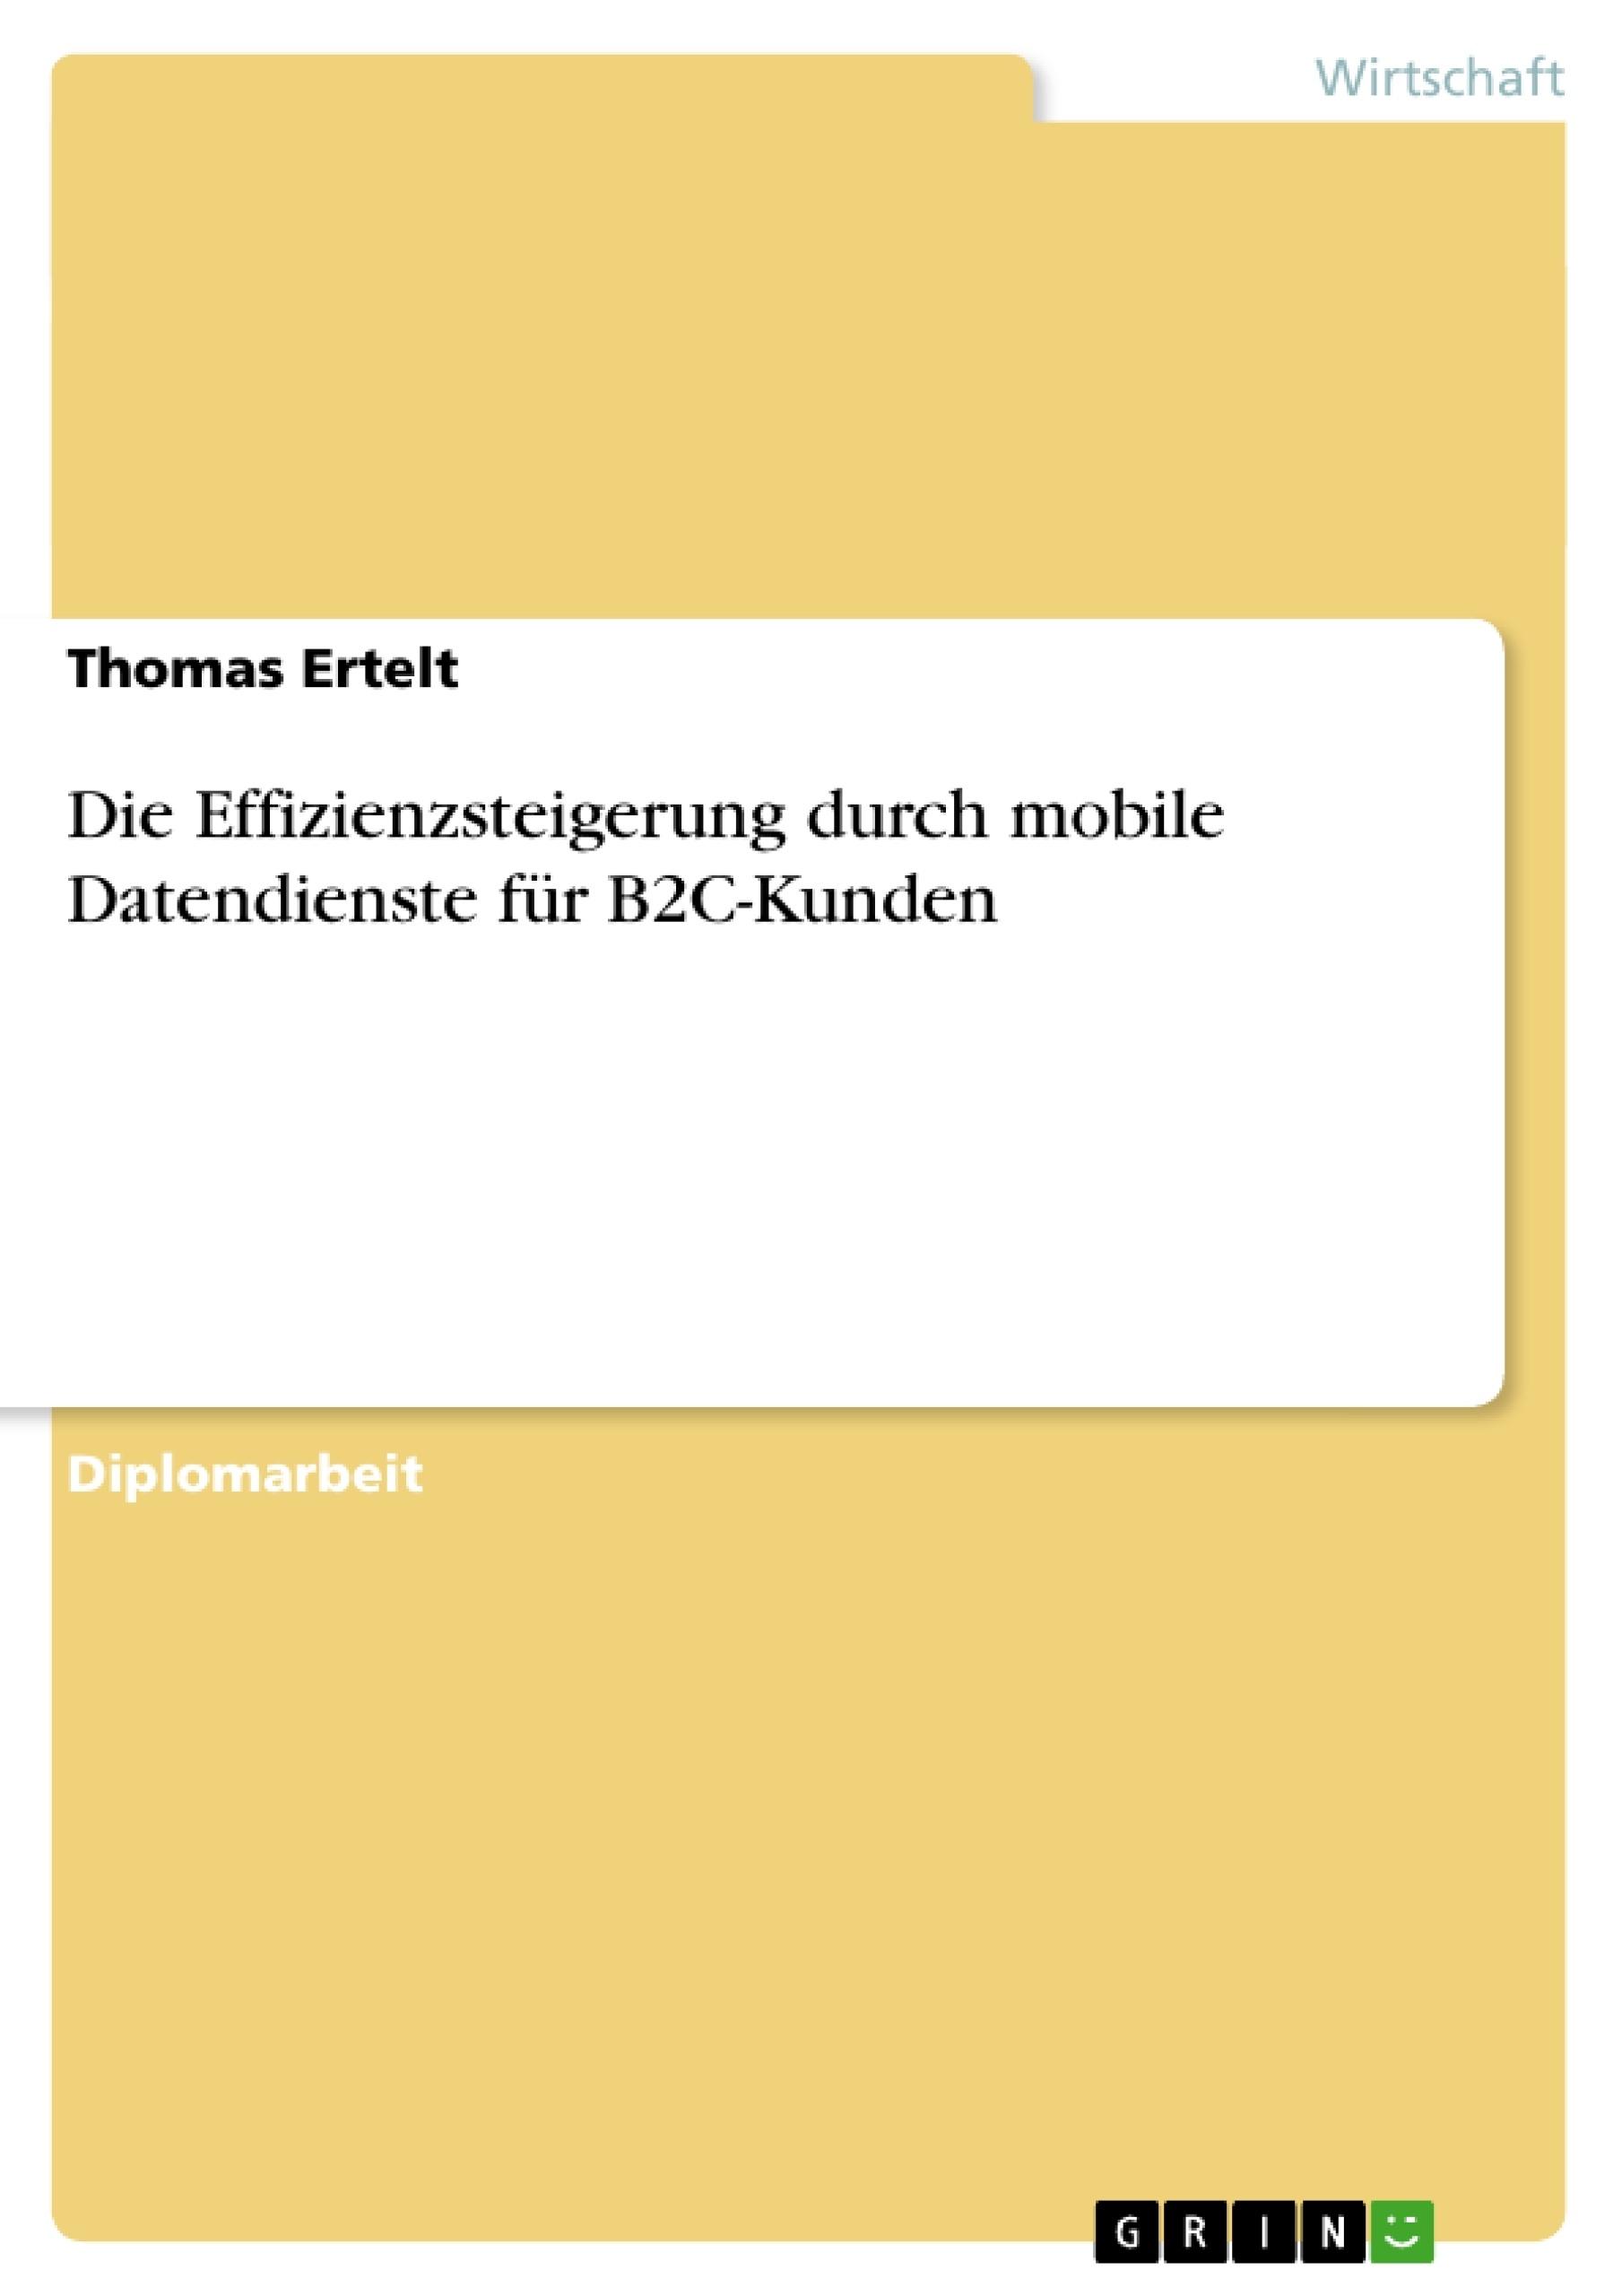 Titel: Die Effizienzsteigerung durch mobile Datendienste für B2C-Kunden